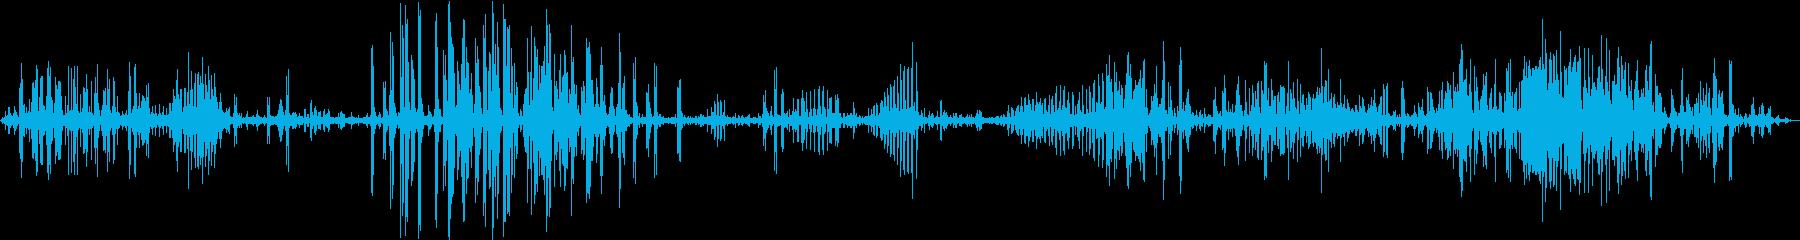 【生録音】フラミンゴの鳴き声 長尺の再生済みの波形